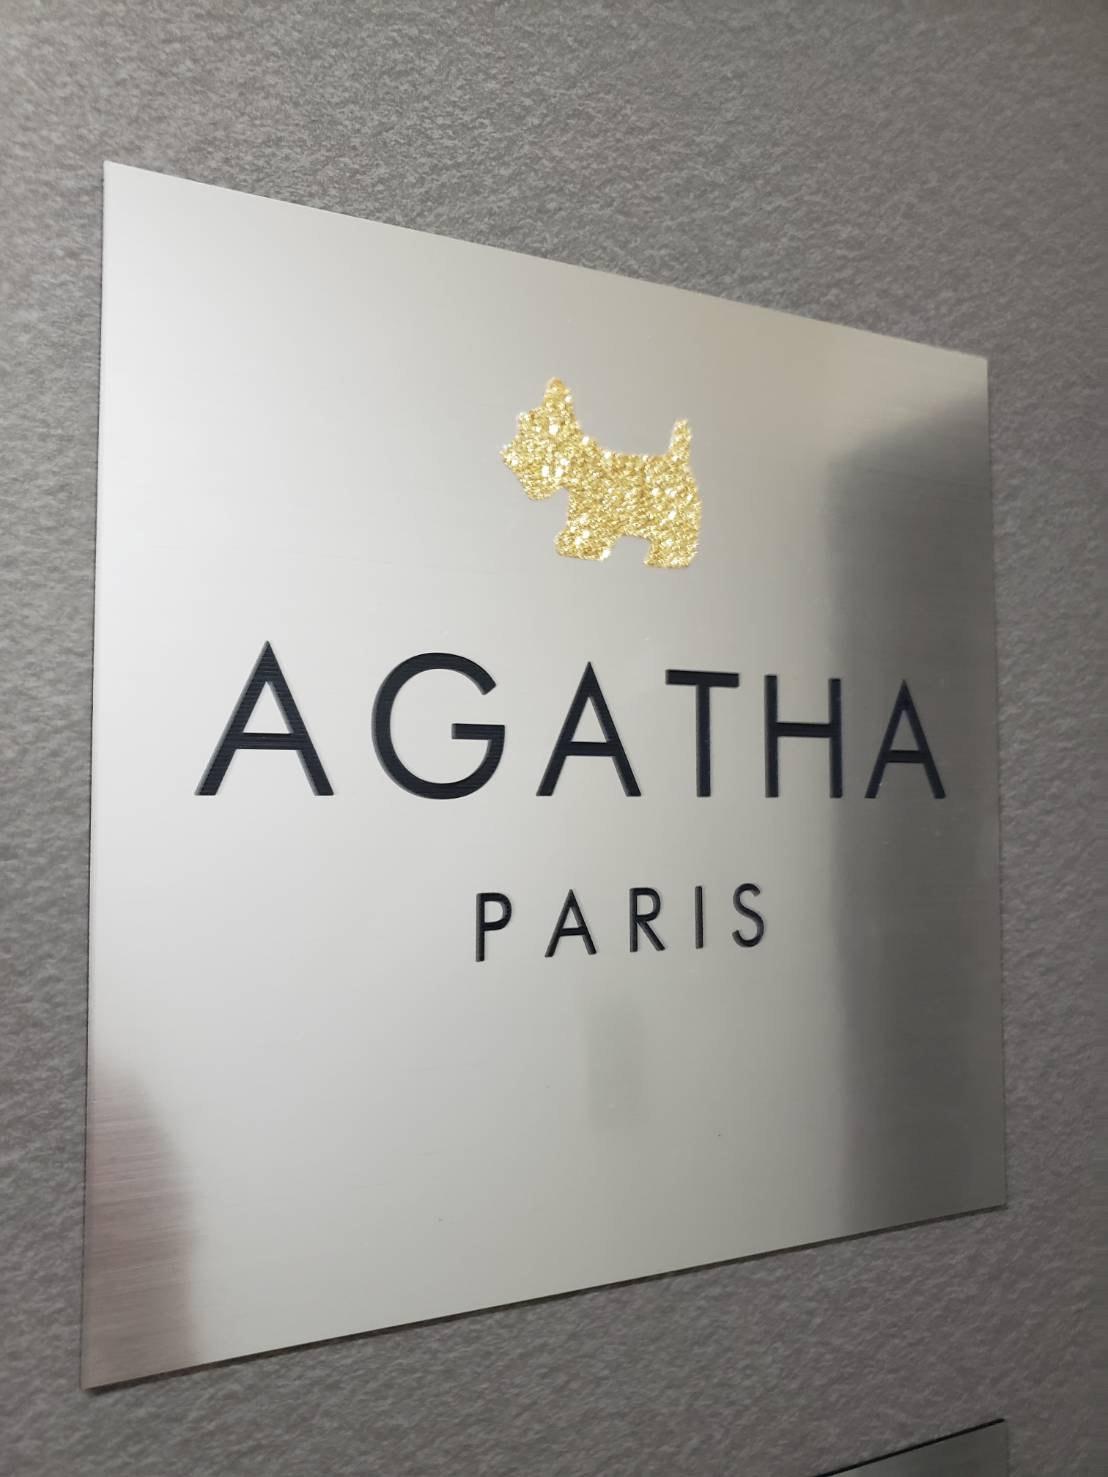 アガタジャポン(株)のロゴ